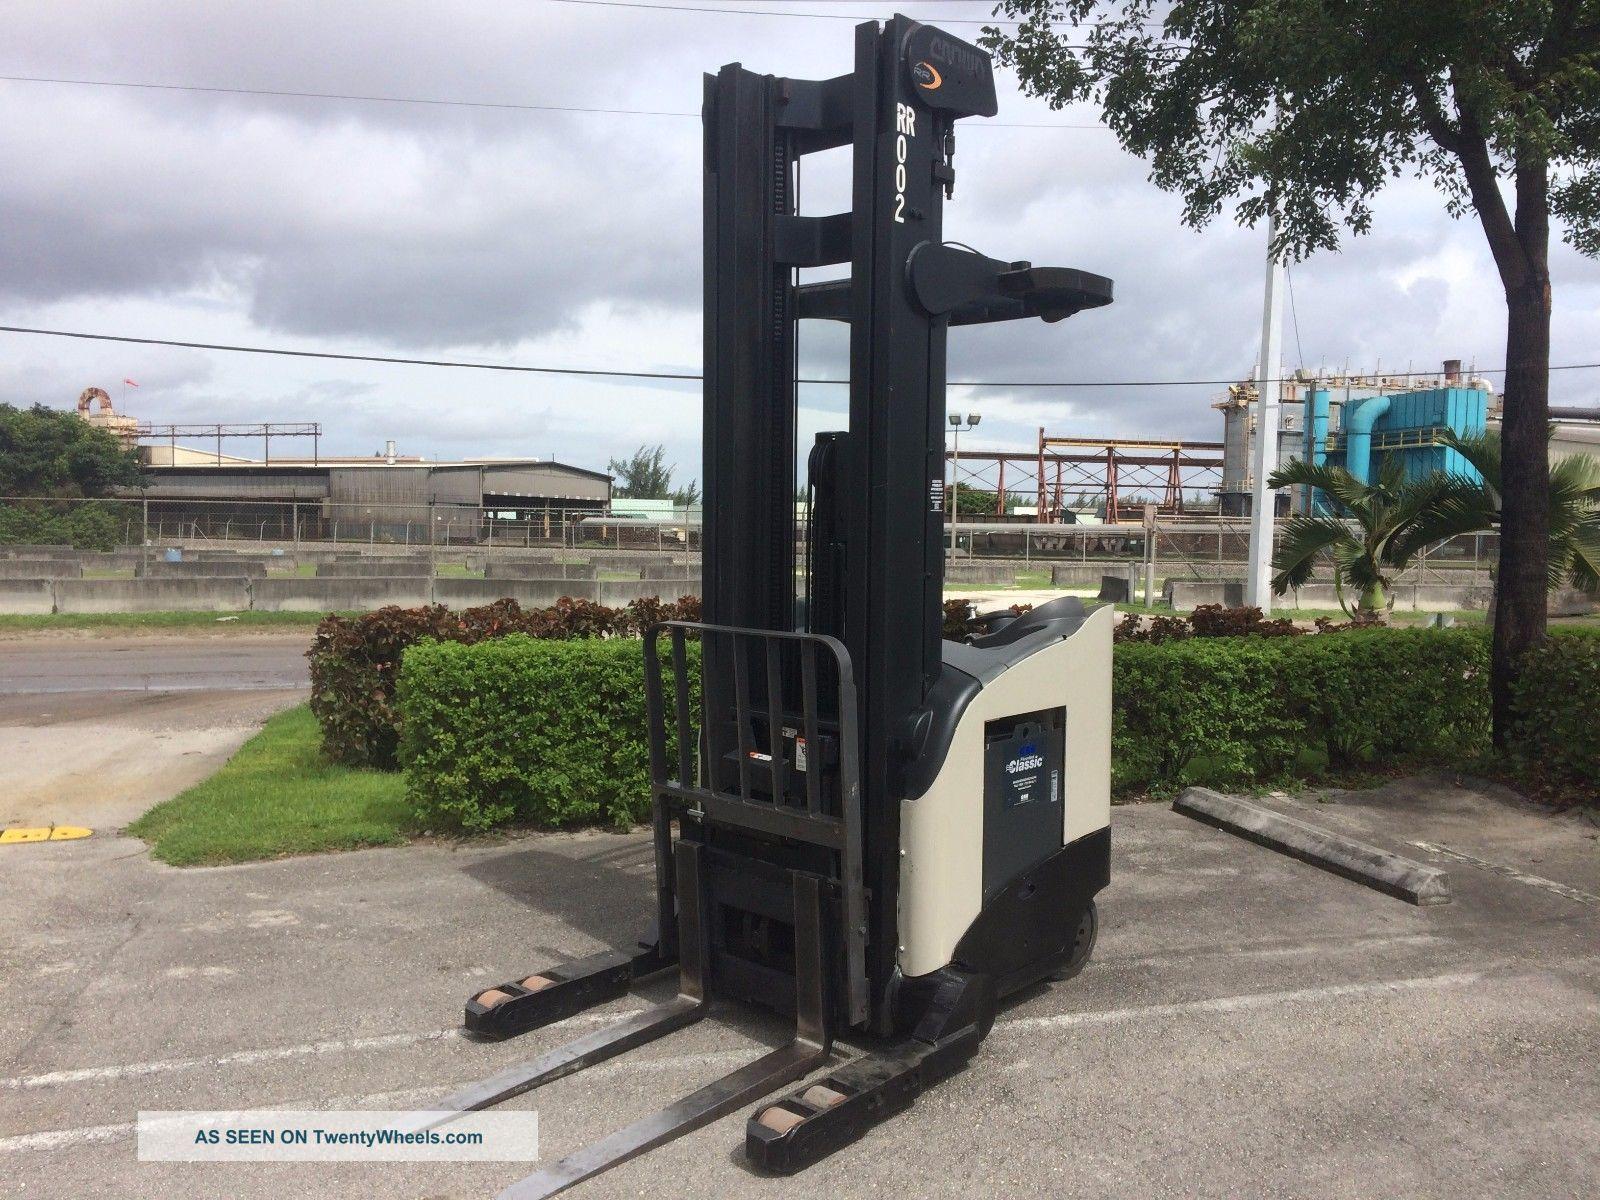 Four Way Side Loader Forklift Mitsubishi Rbm2025k Series: Crown Electric Forklift Rr5220